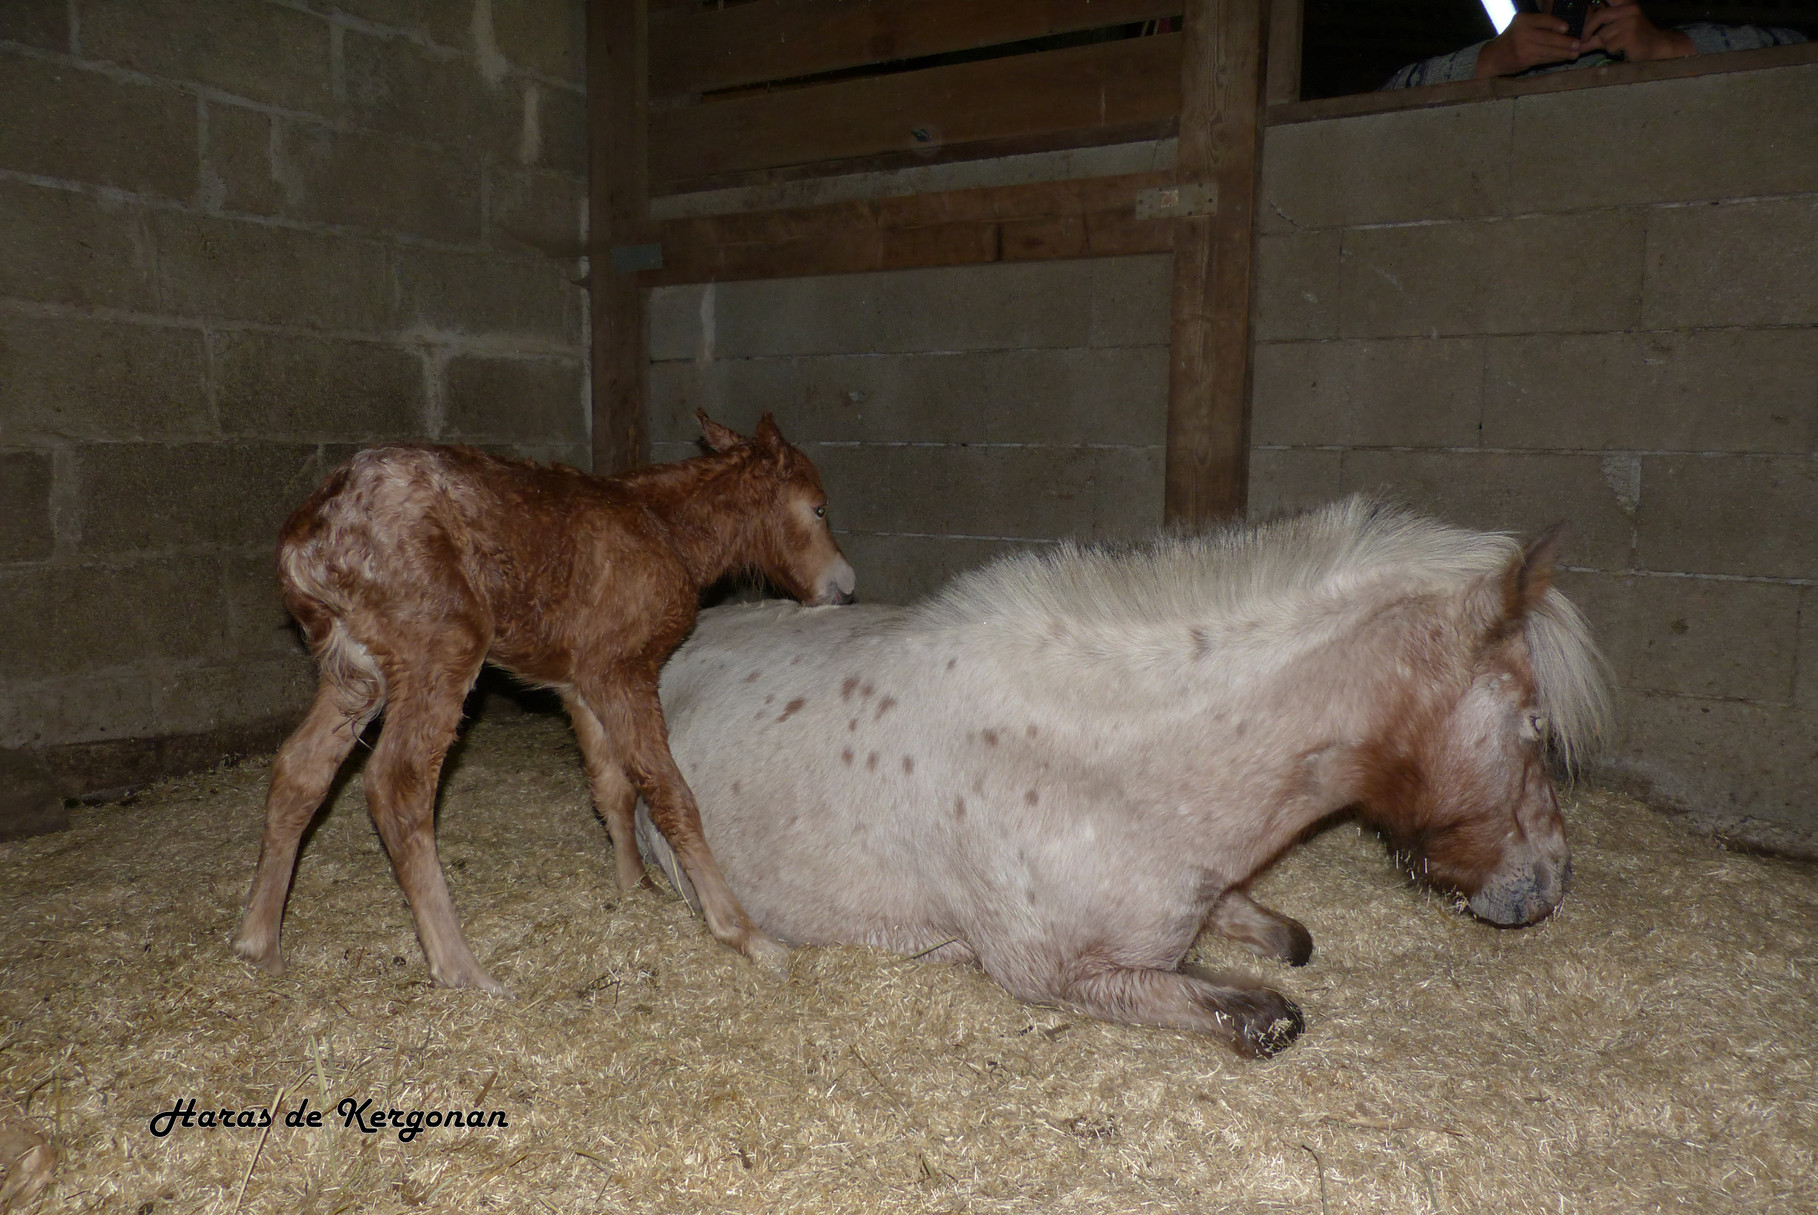 29/09/2014 20h49 : maman et son poulain sont rentrés au boxe